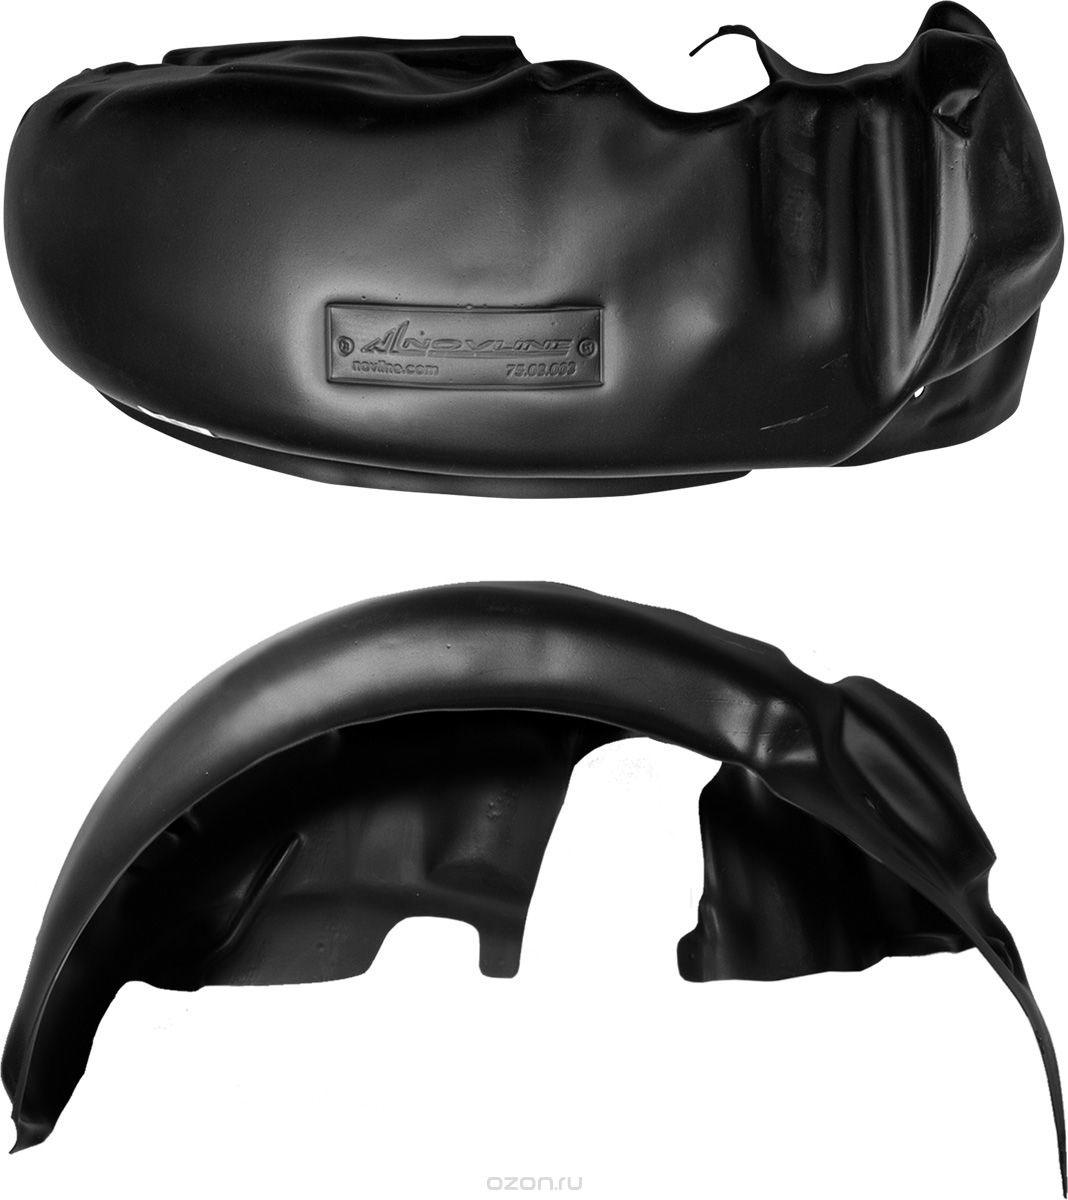 Подкрылок Novline-Autofamily, для CHERY Tiggo FL, 2013->, передний левыйDW90Идеальная защита колесной ниши. Локеры разработаны с применением цифровых технологий, гарантируют максимальную повторяемость поверхности арки. Изделия устанавливаются без нарушения лакокрасочного покрытия автомобиля, каждый подкрылок комплектуется крепежом. Уважаемые клиенты, обращаем ваше внимание, что фотографии на подкрылки универсальные и не отражают реальную форму изделия. При этом само изделие идет точно под размер указанного автомобиля.